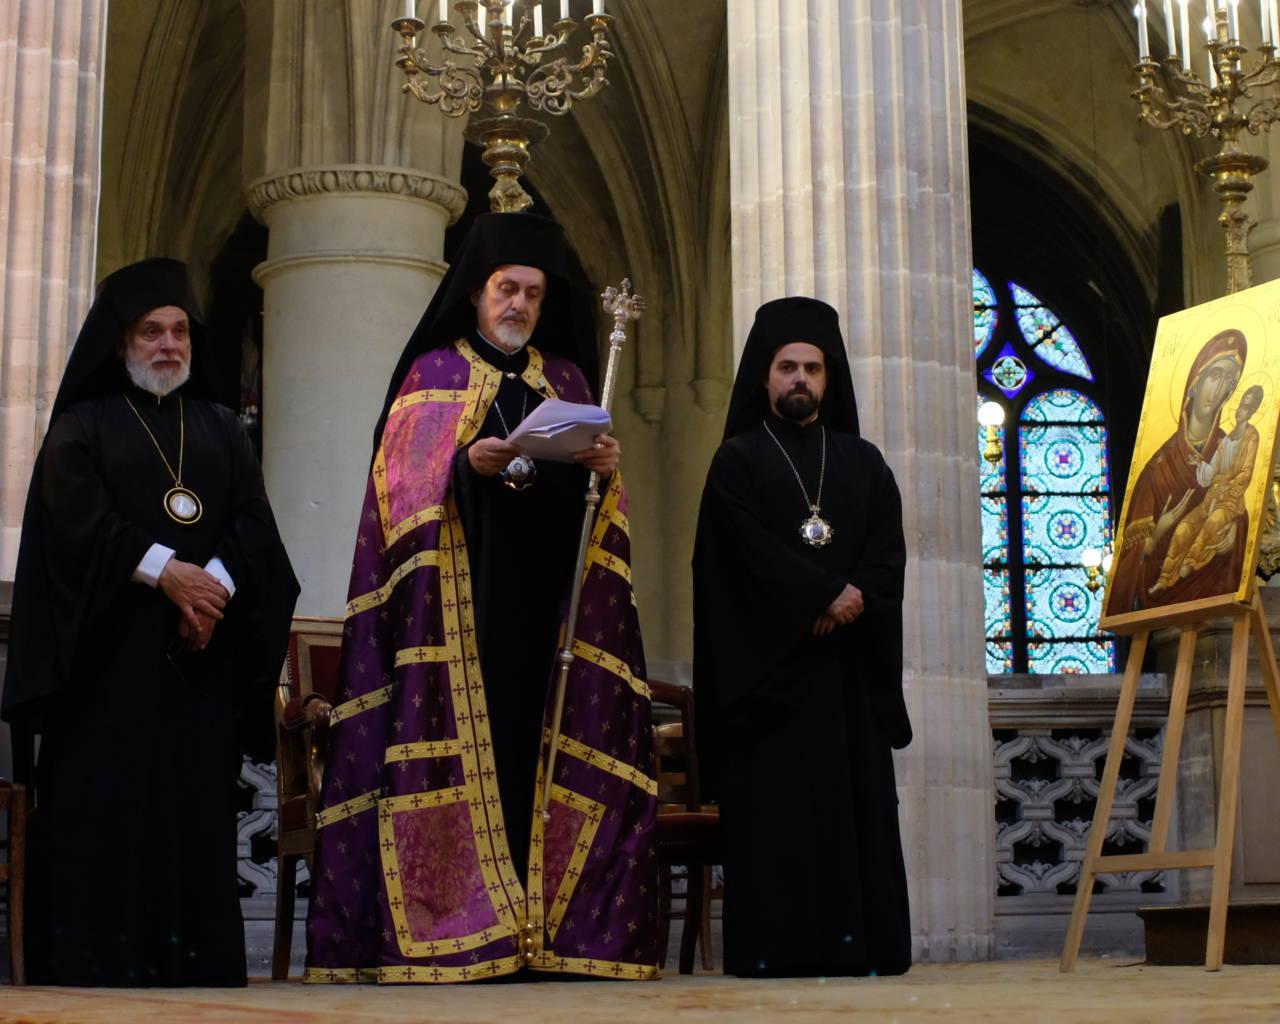 DSCF2038 - Παρίσι: Ορθόδοξος Εσπερινός στον Άγιο Γερμανό Λούβρου